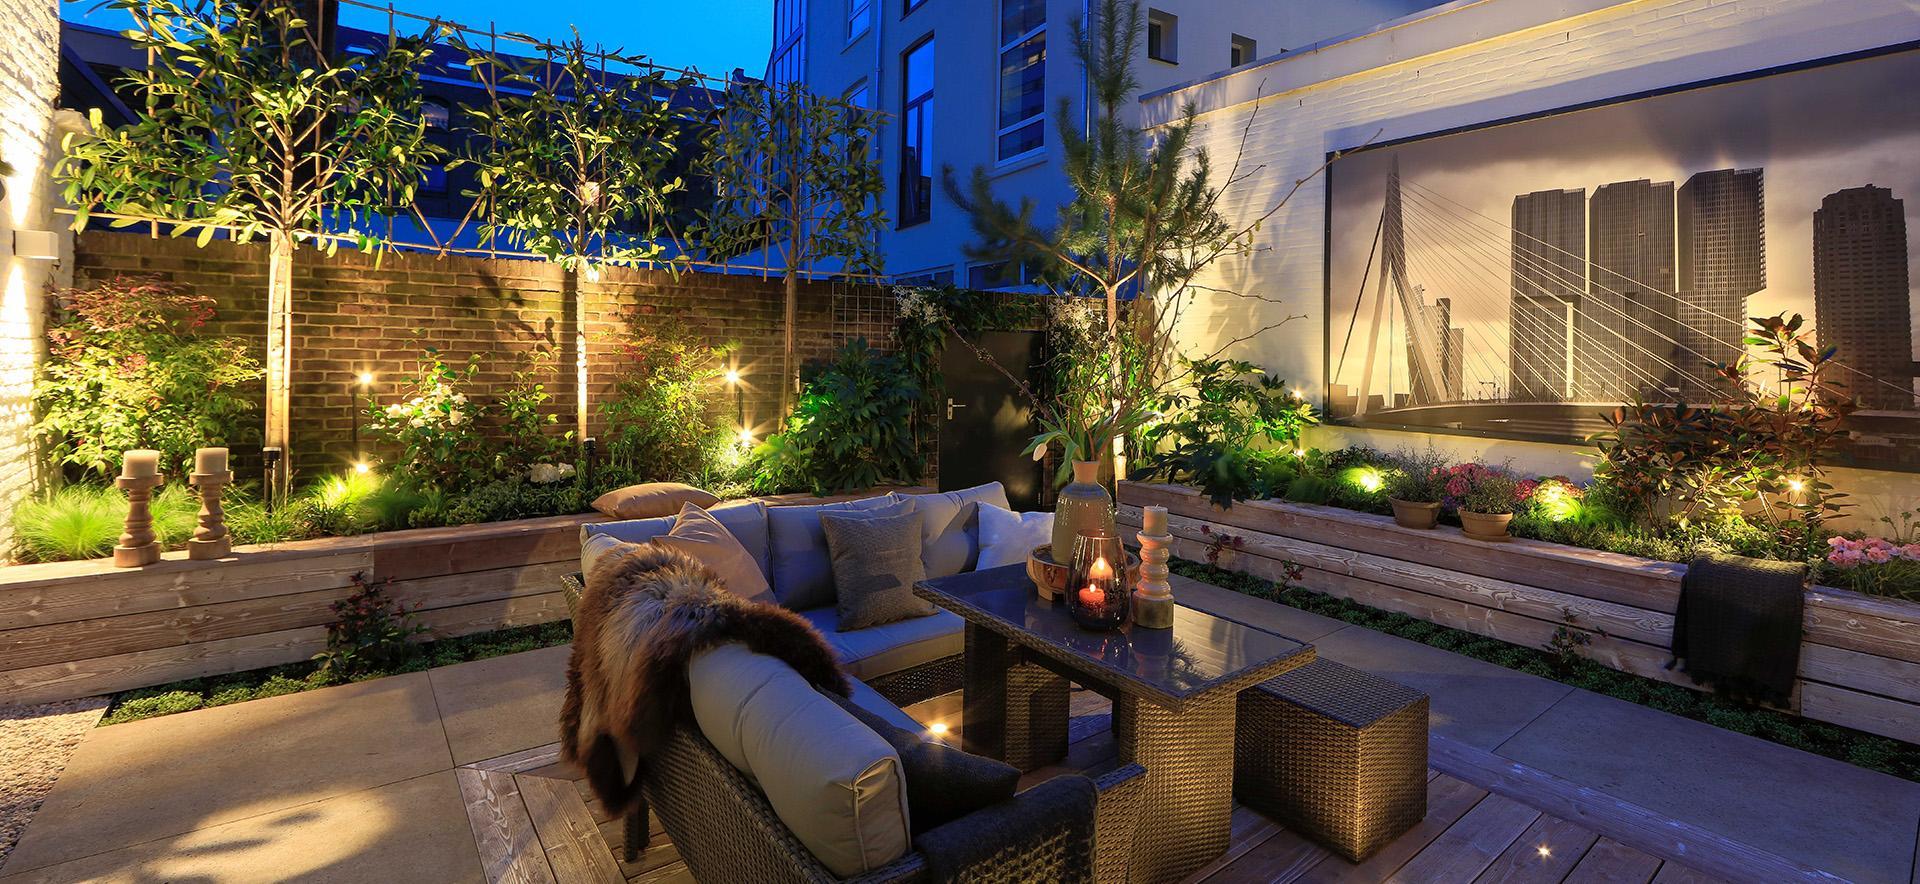 elverdink hoveniers heeft zelf veel ervaring met tuinverlichting en zorgt daardoor voor meer tuinplezier bij zijn klanten door deze ervaring kiezen de